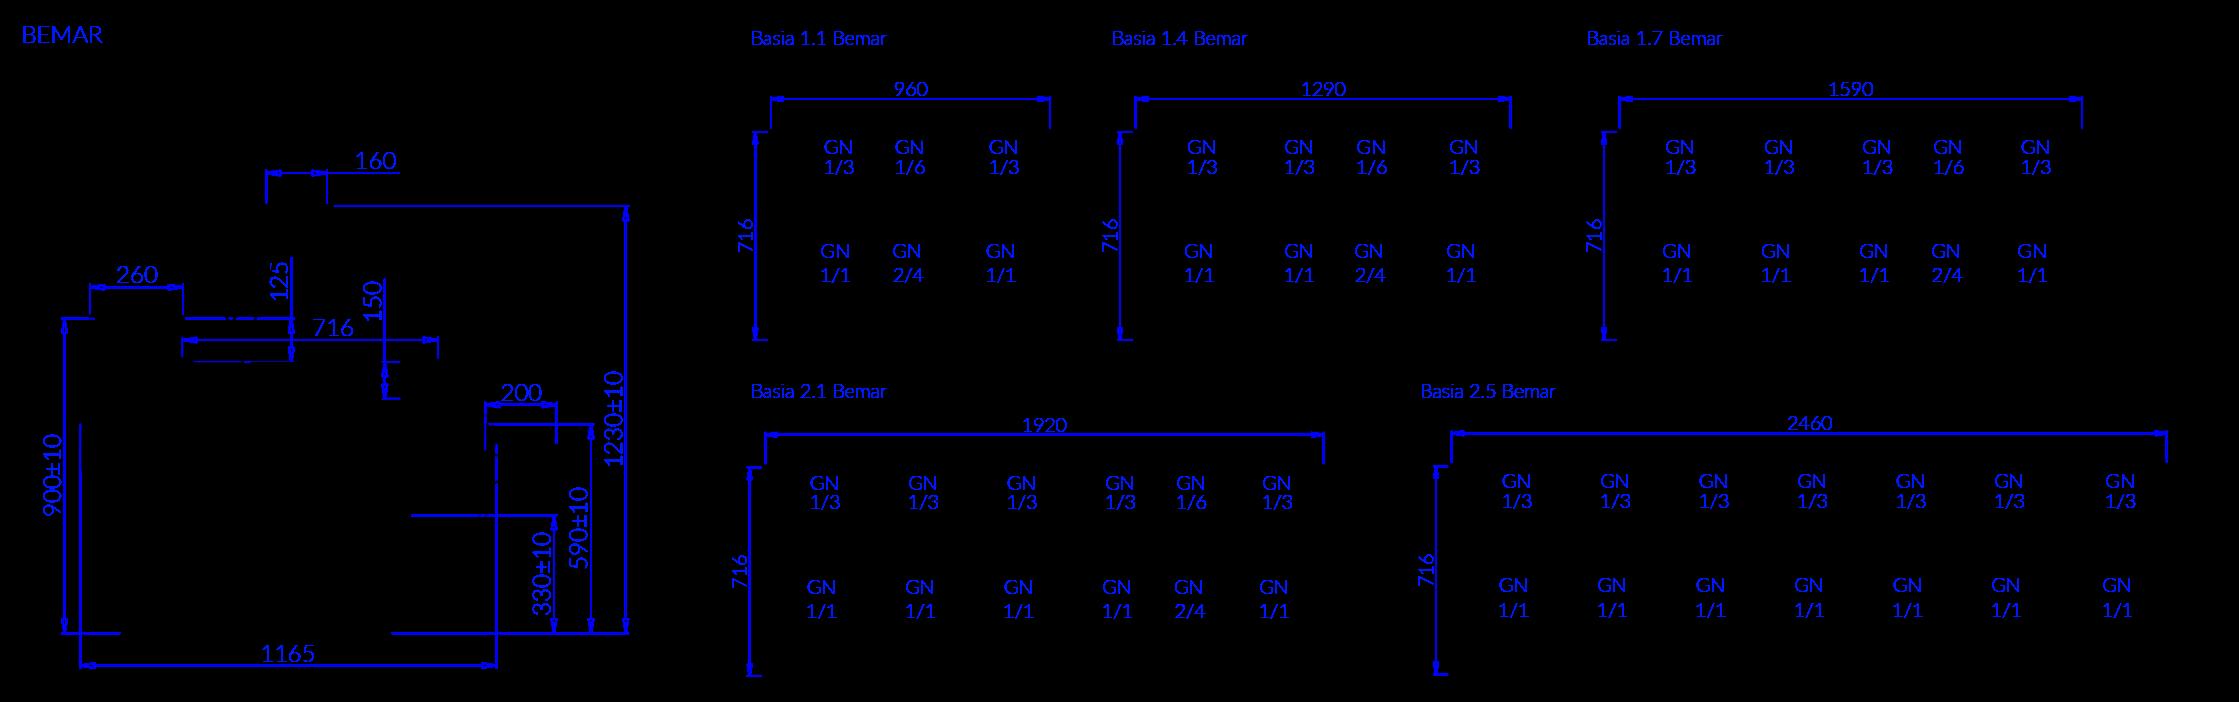 Technische Bezeichnung BASIA 2 B